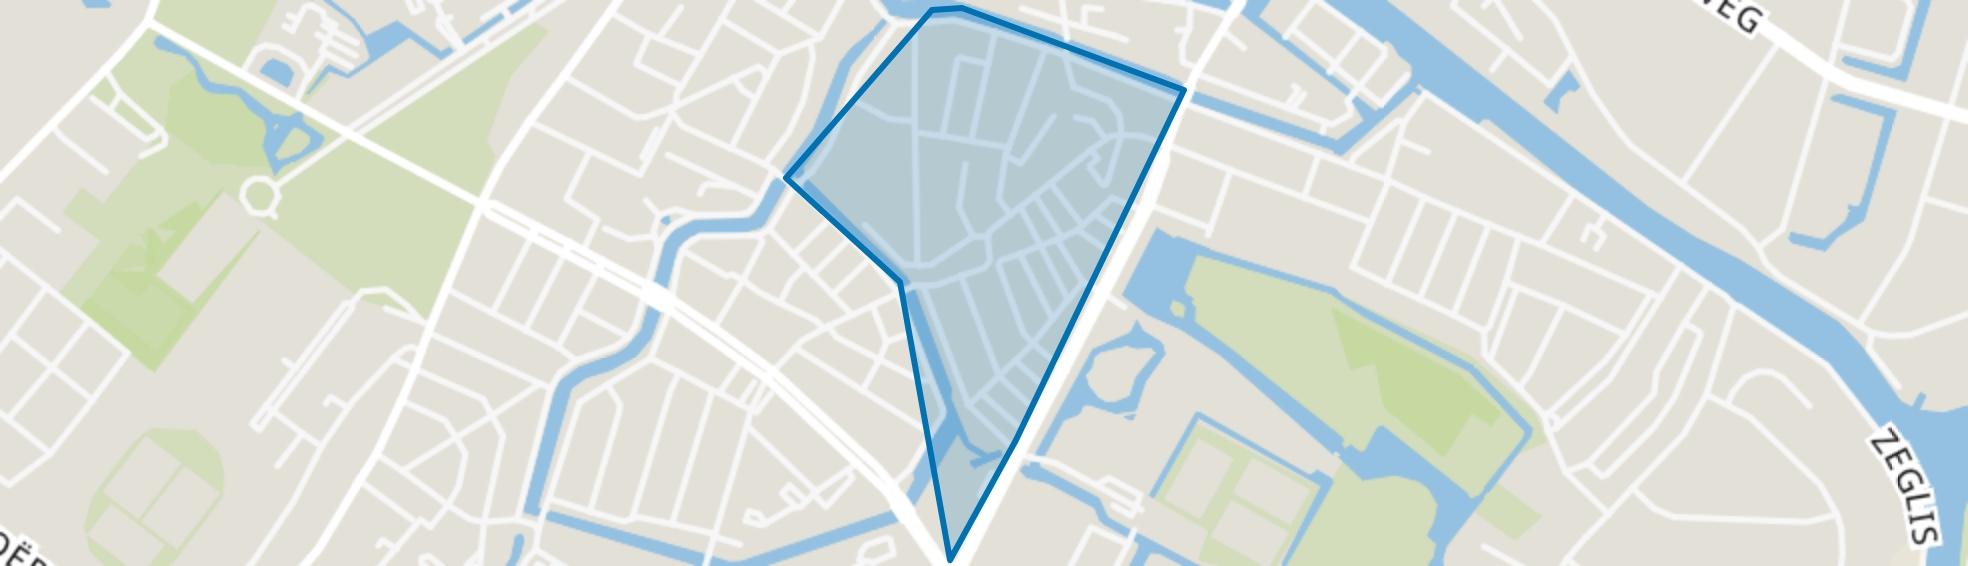 Staatsliedenkwartier en Landstraten, Alkmaar map